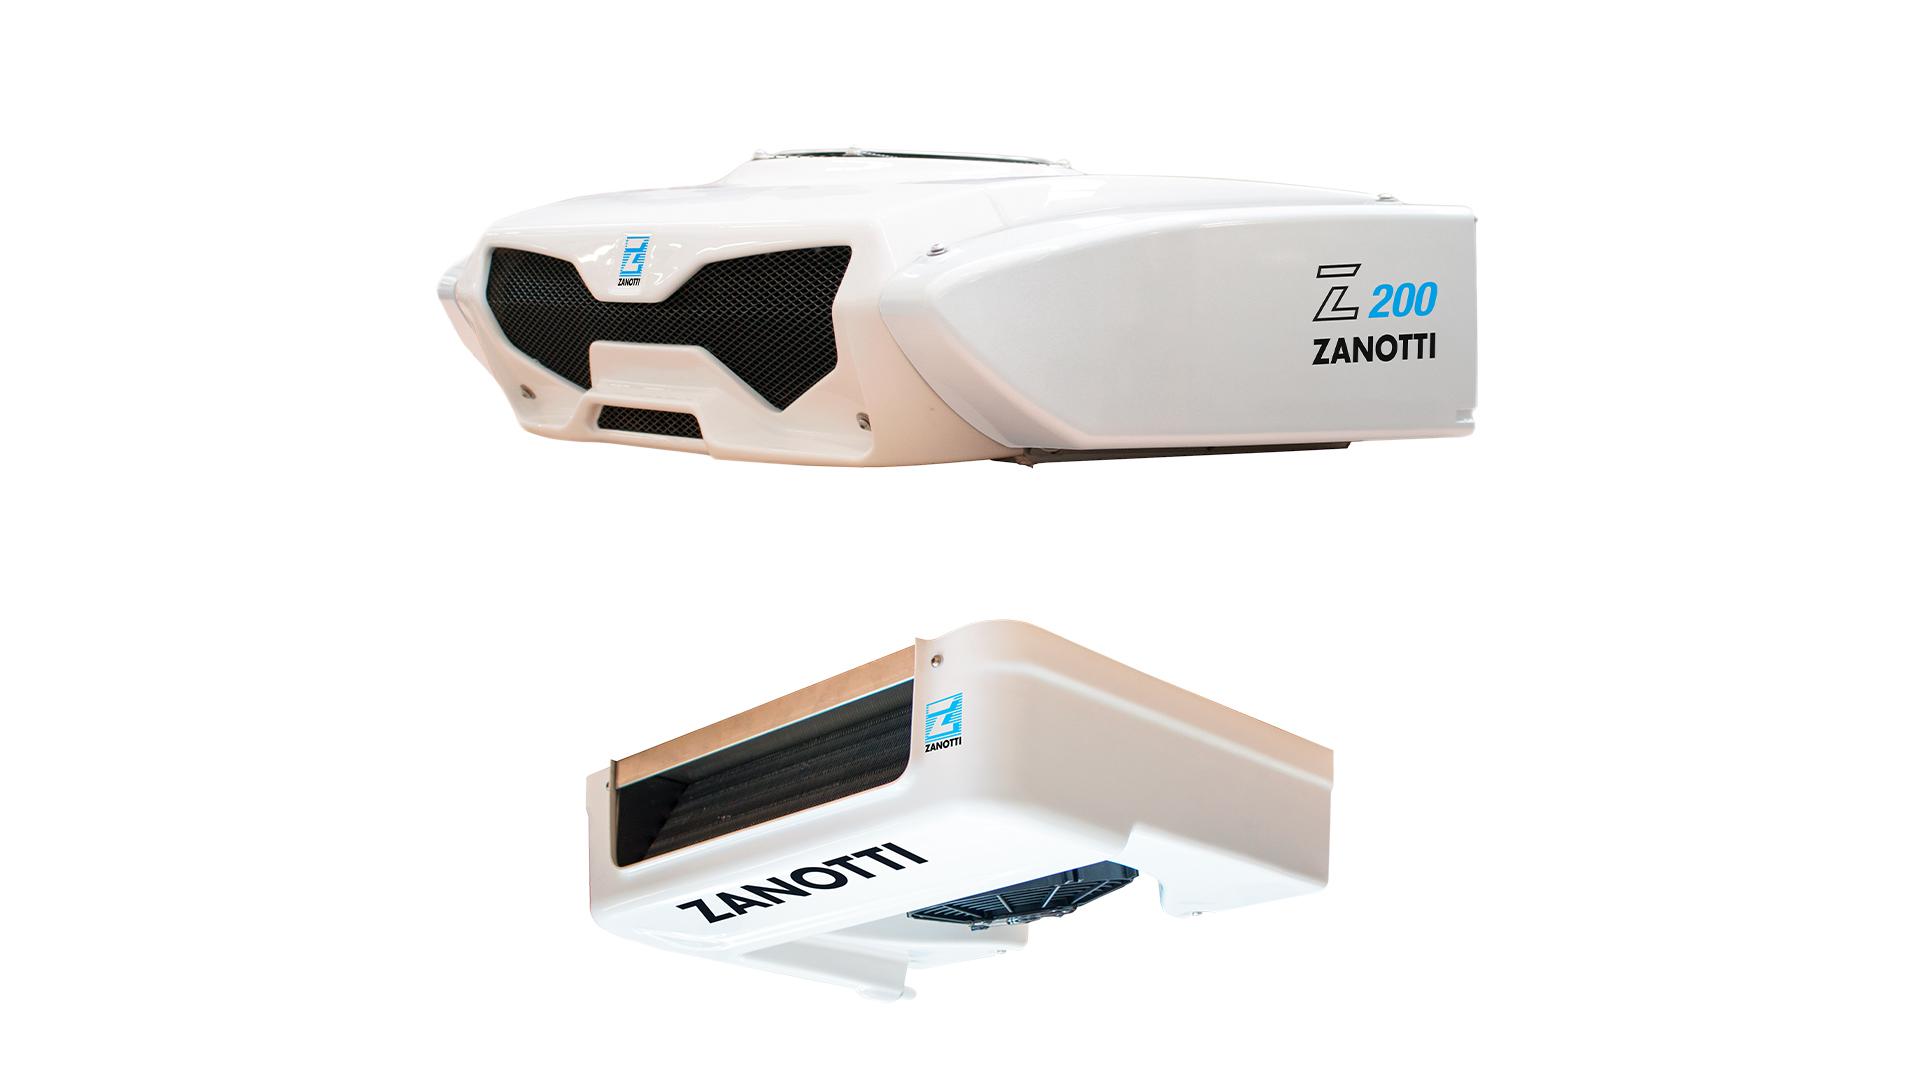 Veicoli commerciali refrigerati Zero200